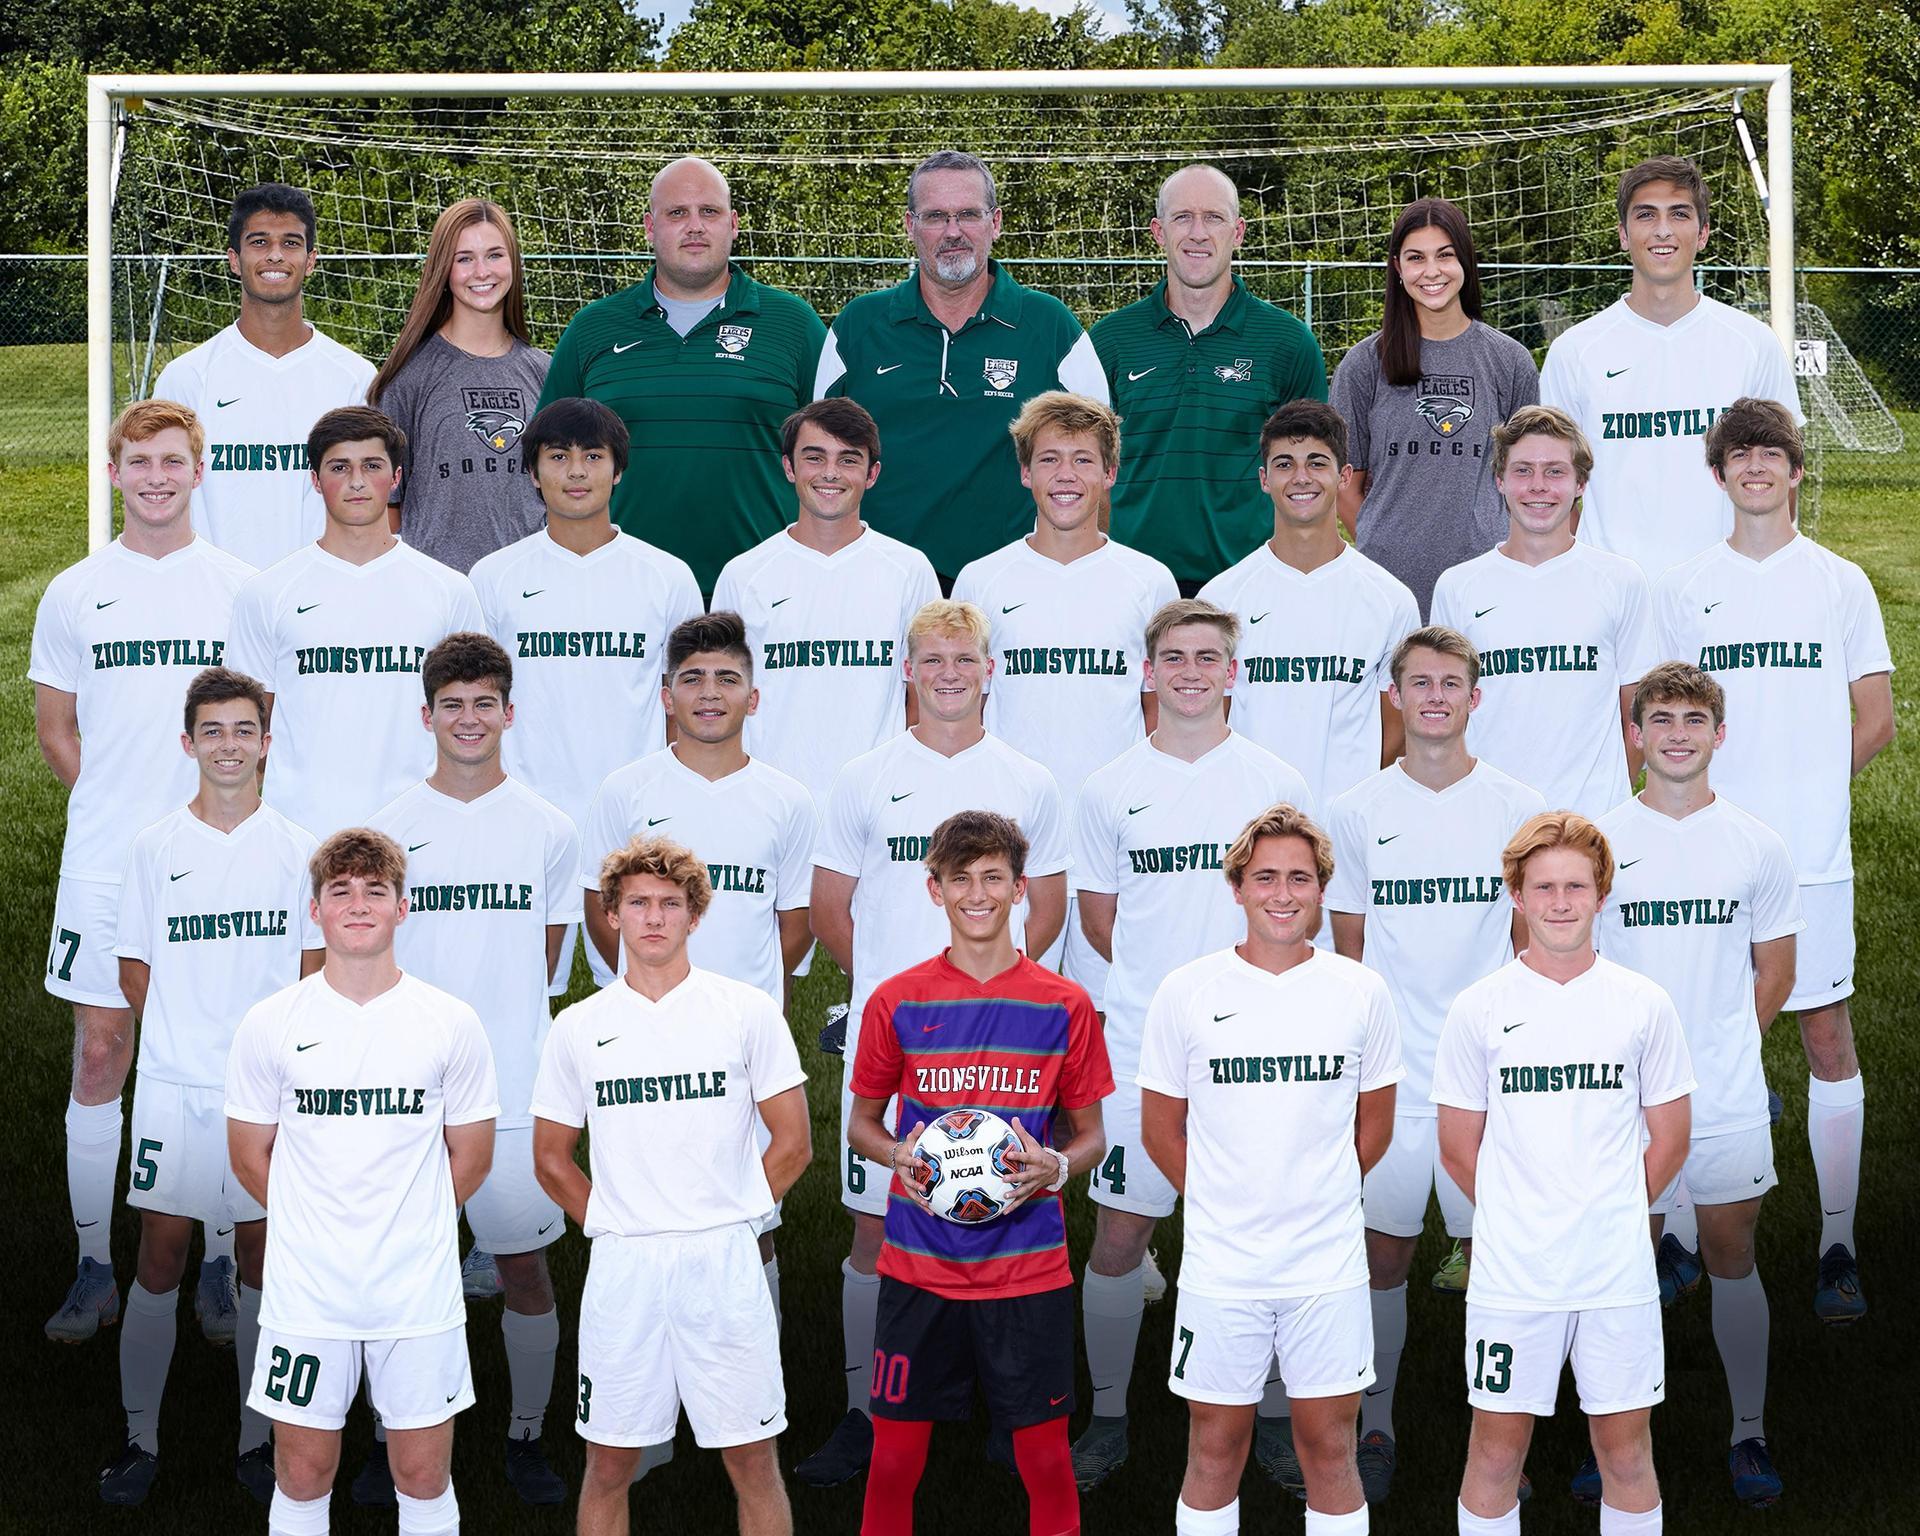 2020 Boys Varsity Soccer Team